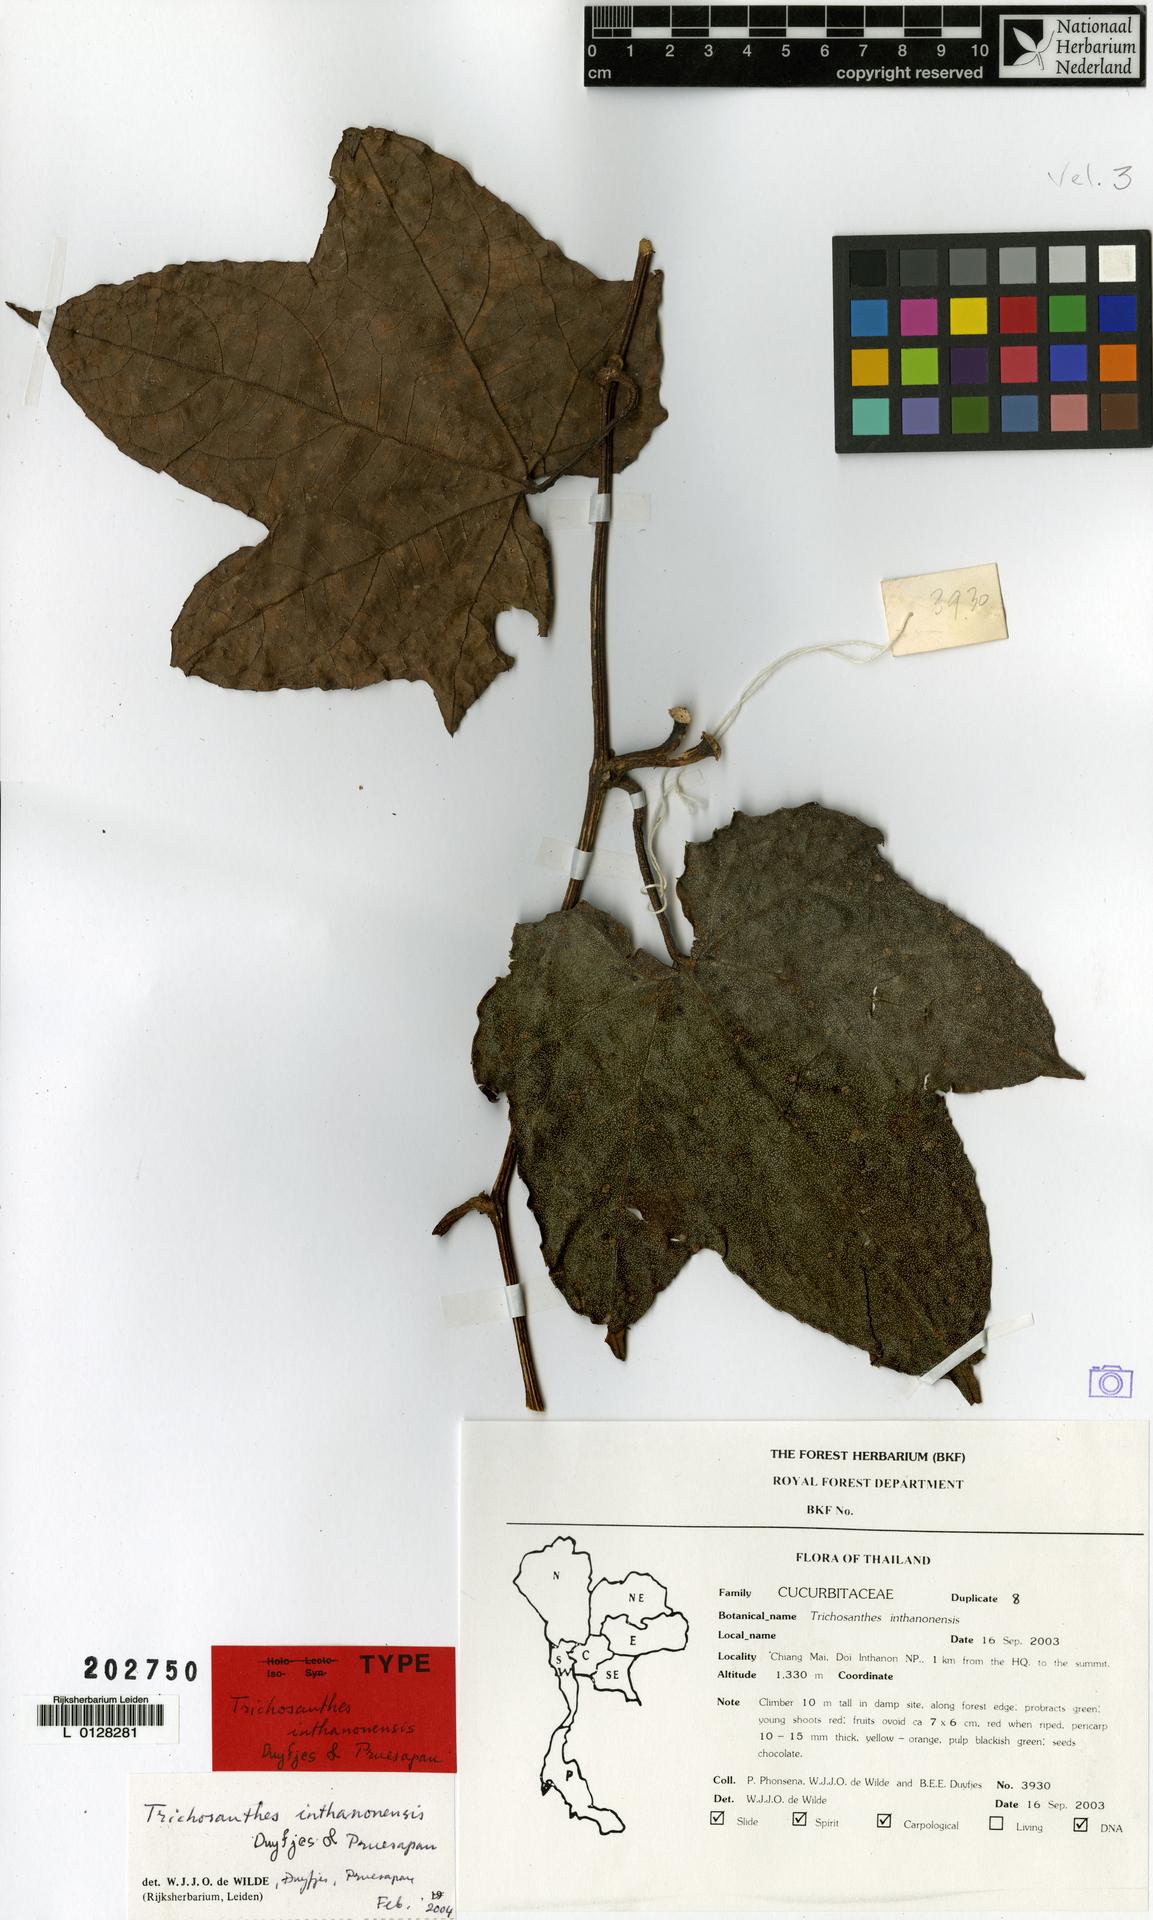 L  0128281   Trichosanthes inthanonensis Duyfjes & Pruesapan